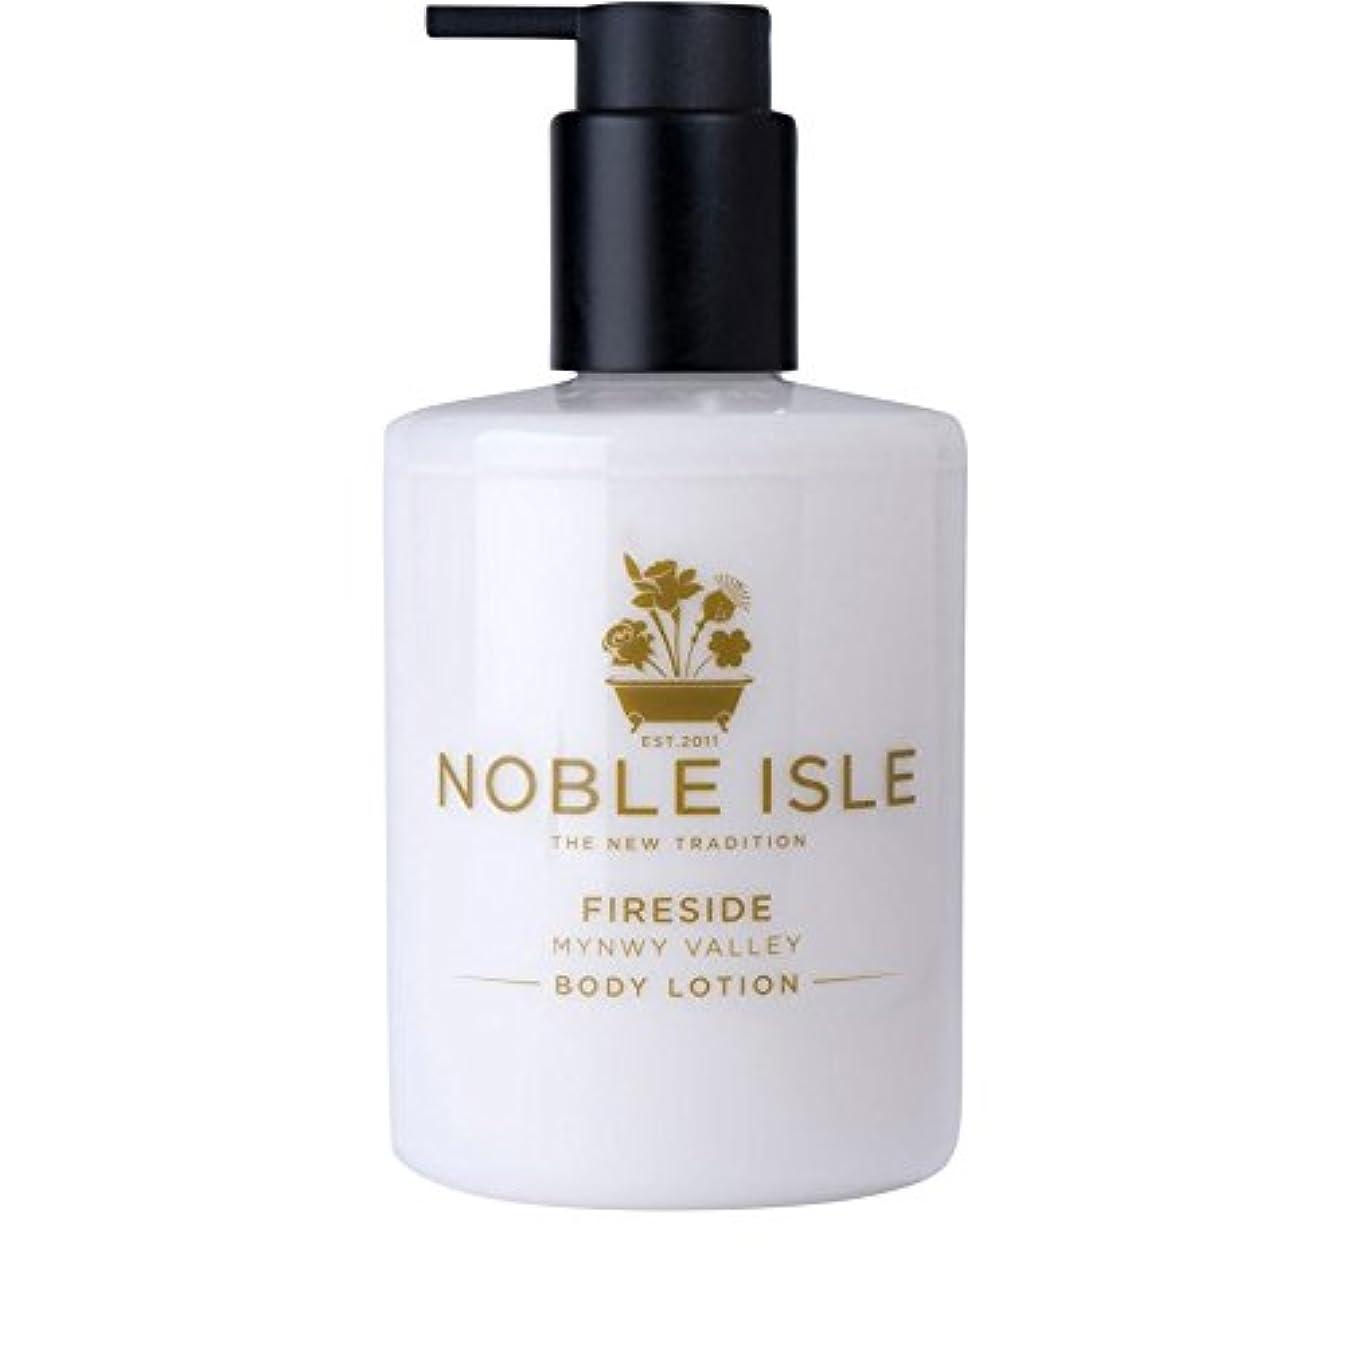 重さレンドセミナー高貴な島炉端谷のボディローション250ミリリットル x2 - Noble Isle Fireside Mynwy Valley Body Lotion 250ml (Pack of 2) [並行輸入品]